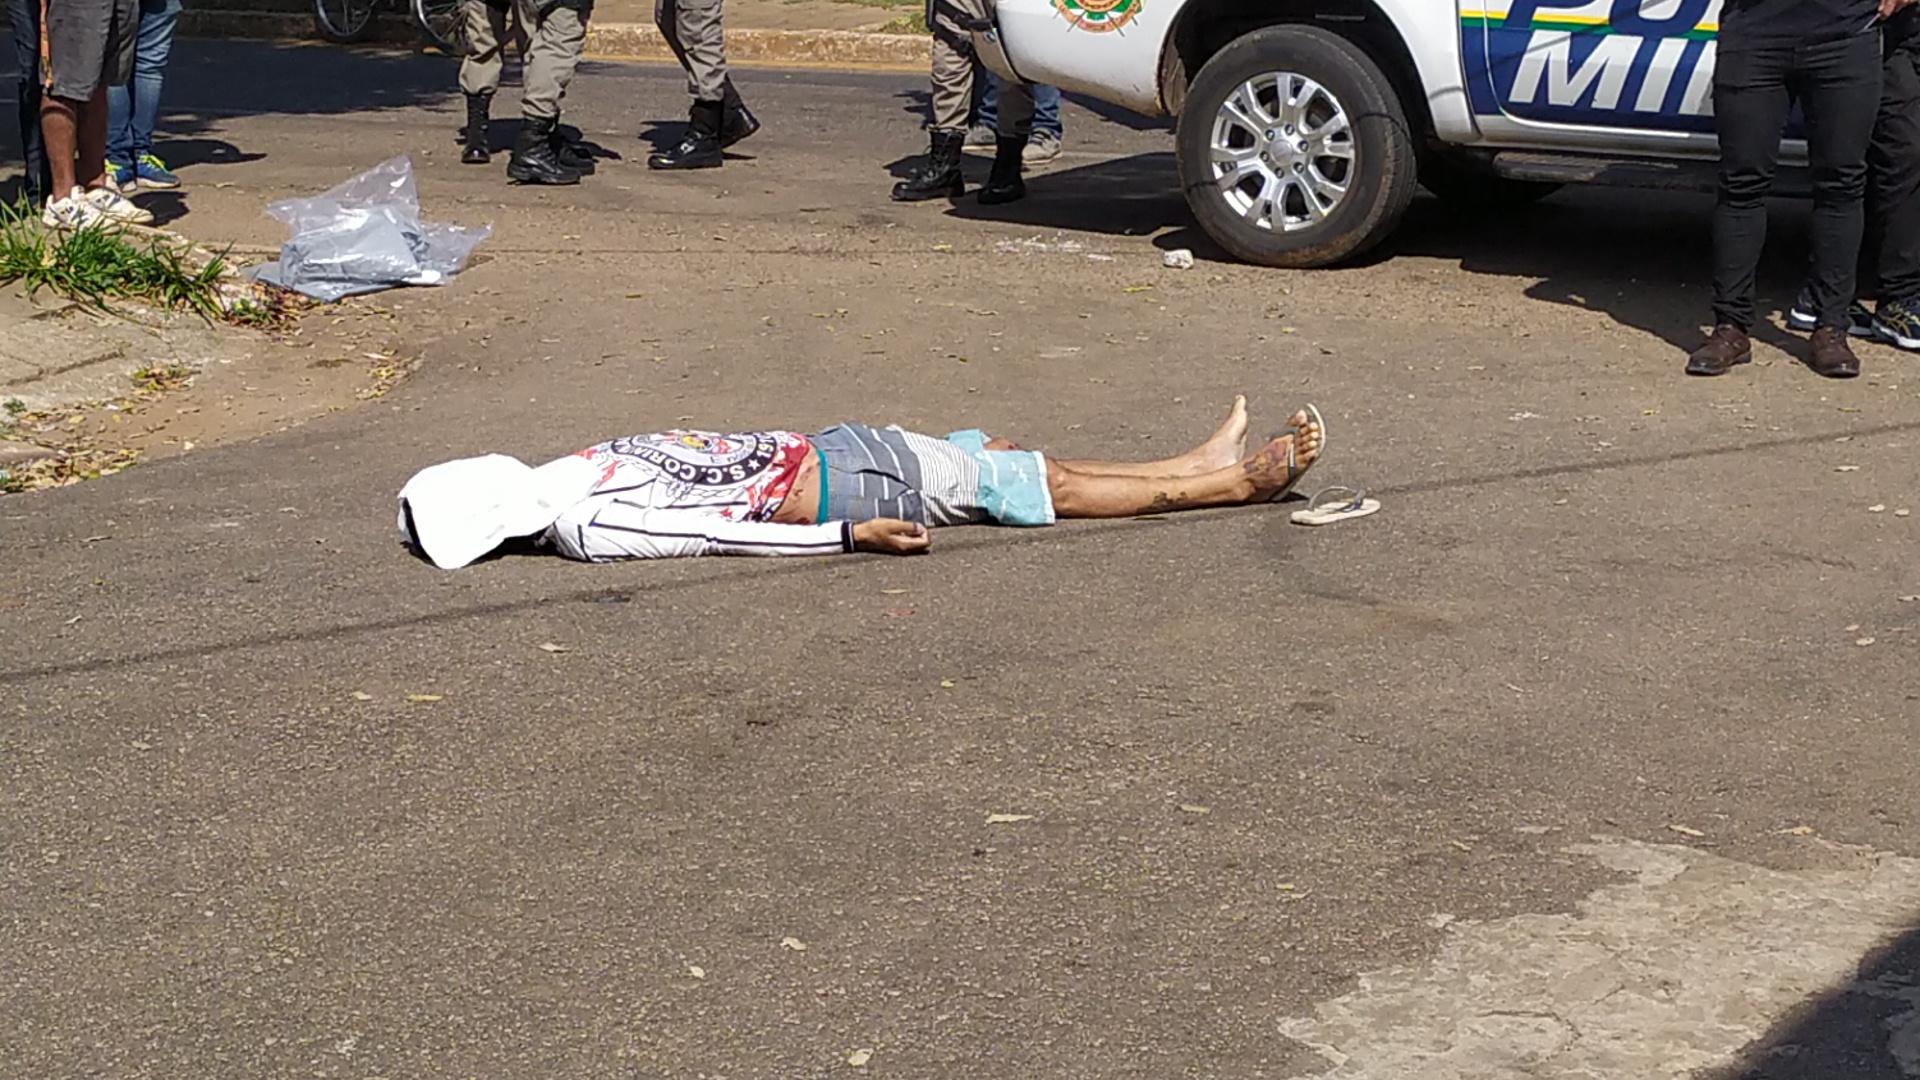 Homem é morto com um tiro nas costas quando caminhava em via pública no Bairro Vila Ivonete